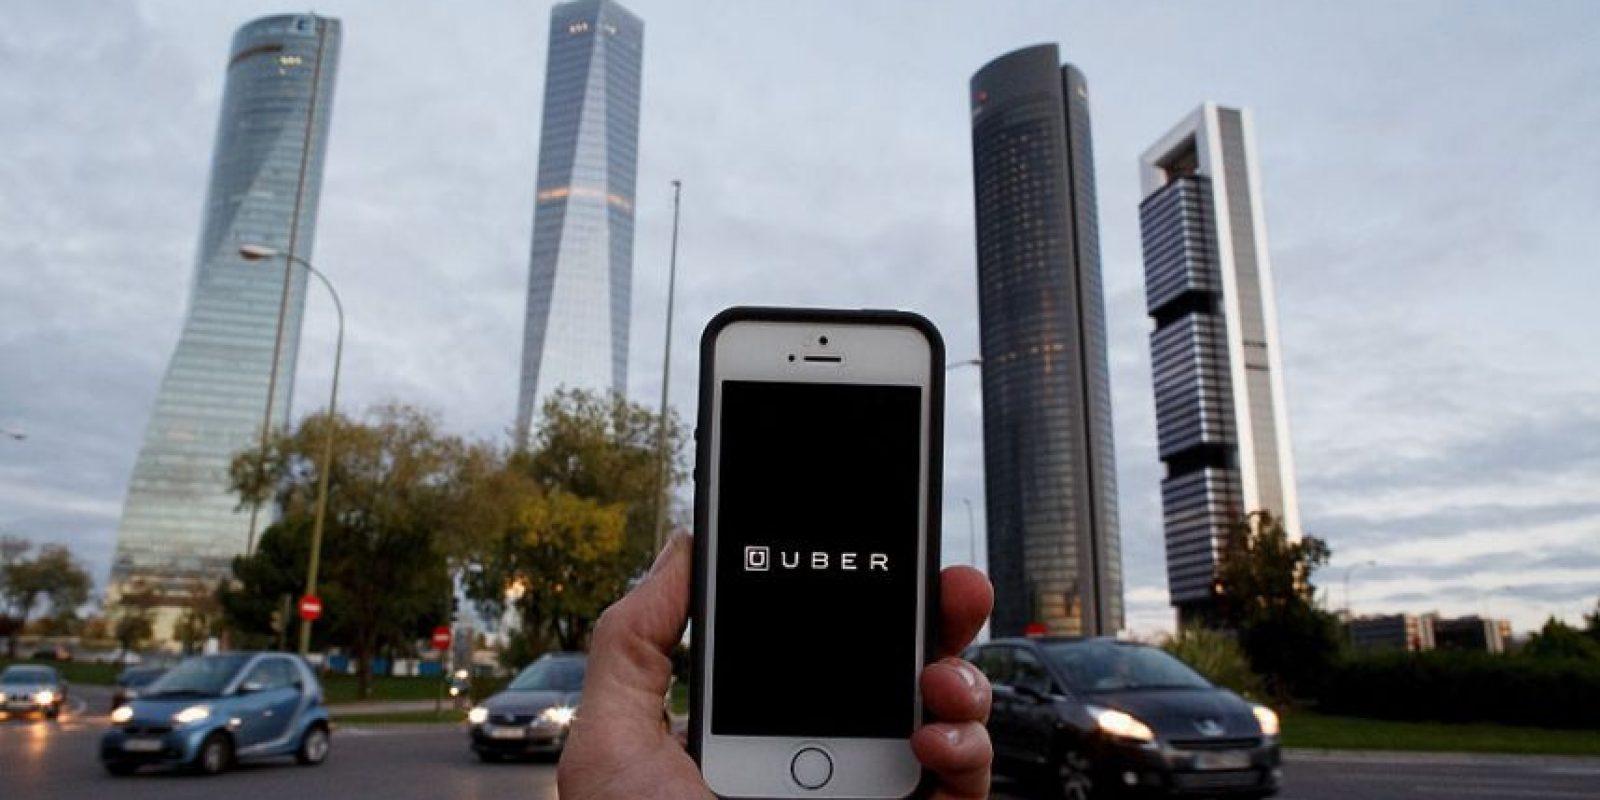 Este no es el único caso en el que un auto de Uber se ve involucrado en algún tipo de crimen. Foto:Getty Images. Imagen Por: